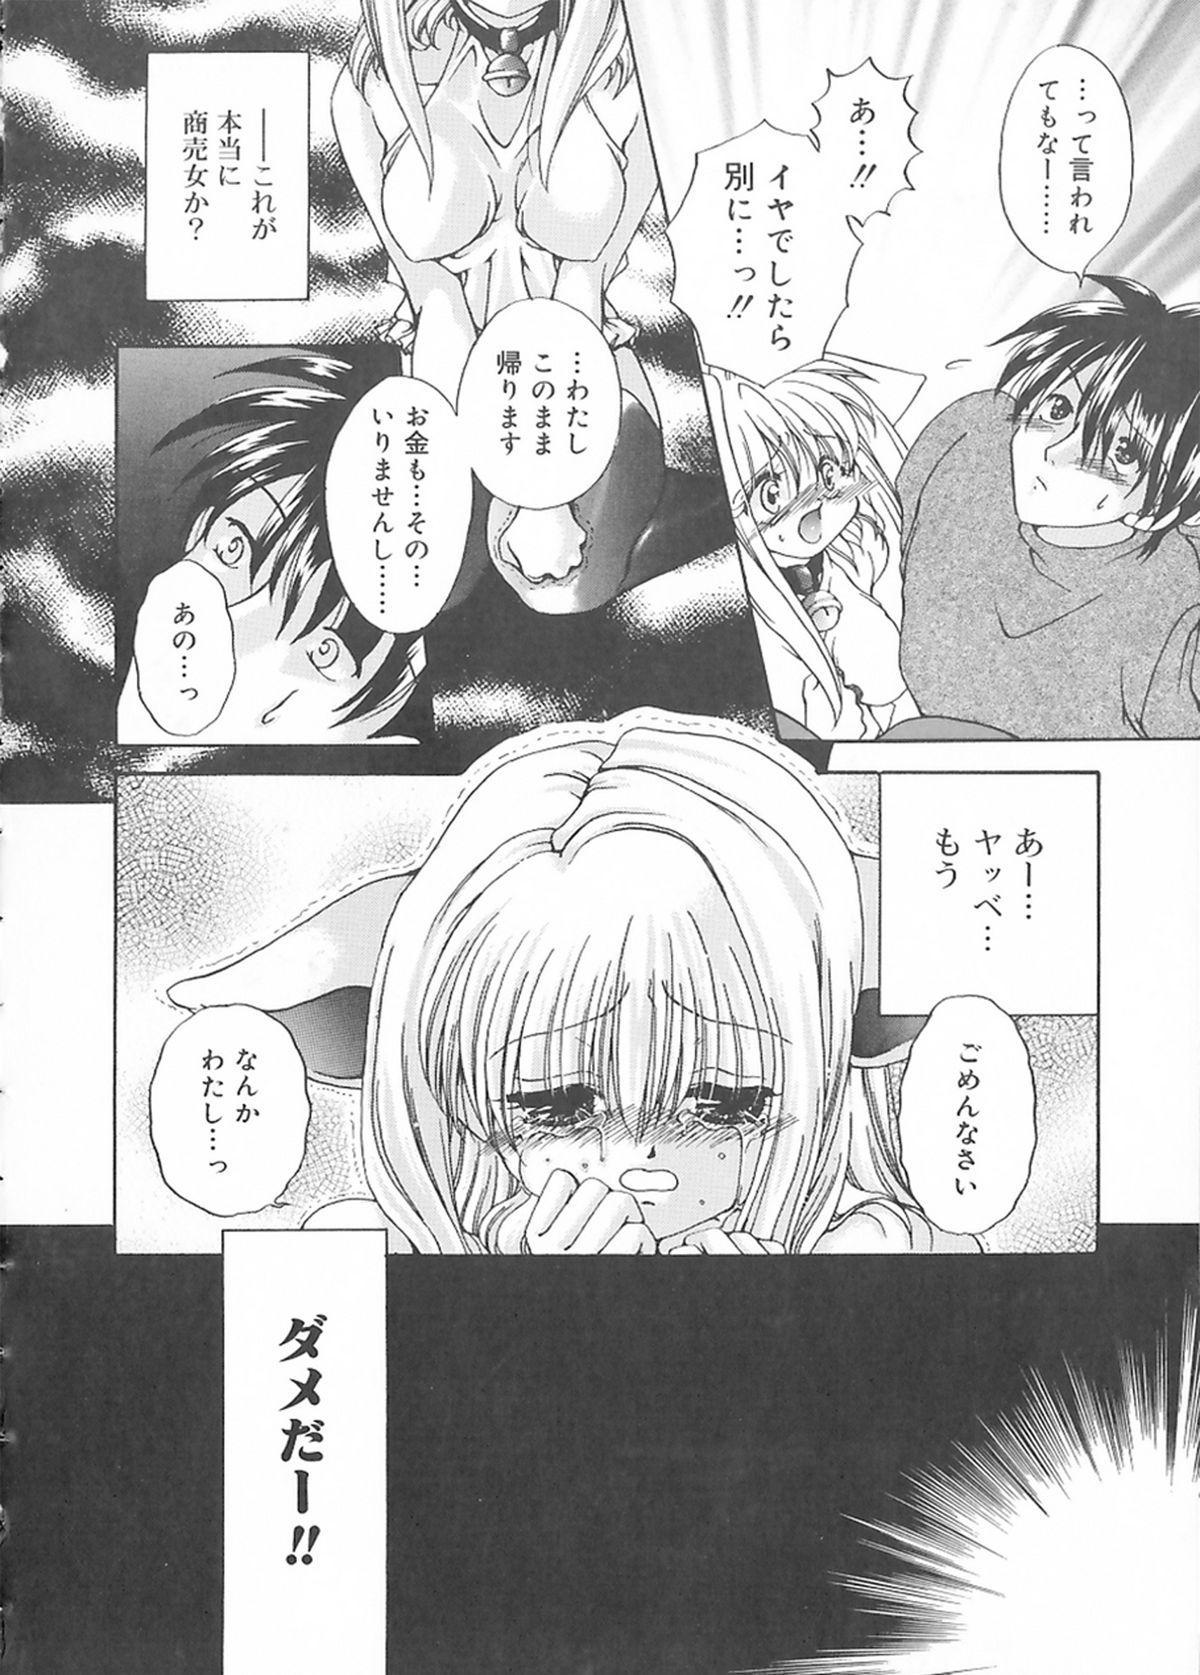 Cream Tengoku - Shinsouban 55